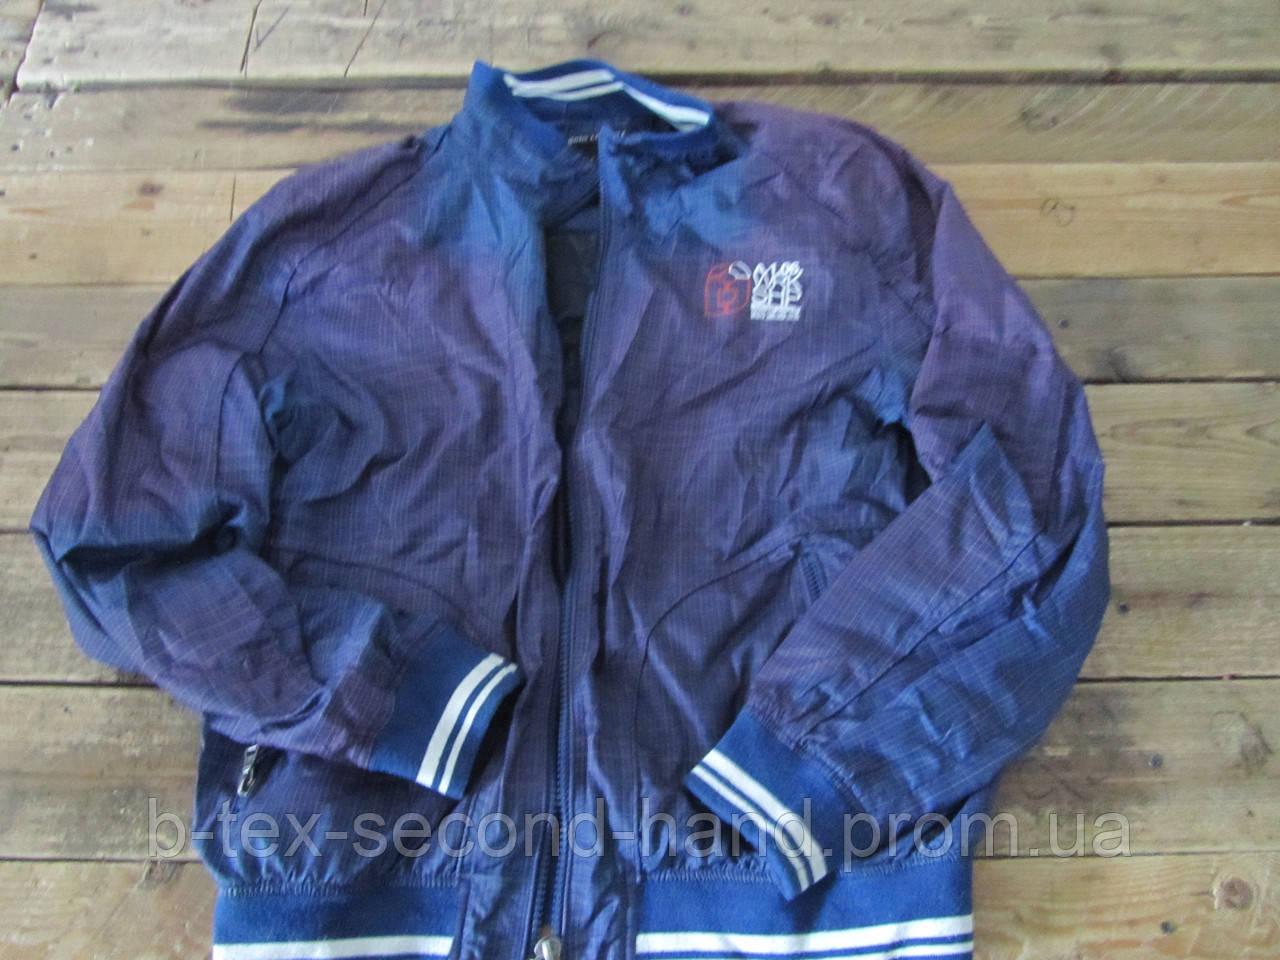 Куртка, вітровка чоловіча, 1 сорт, Німеччина